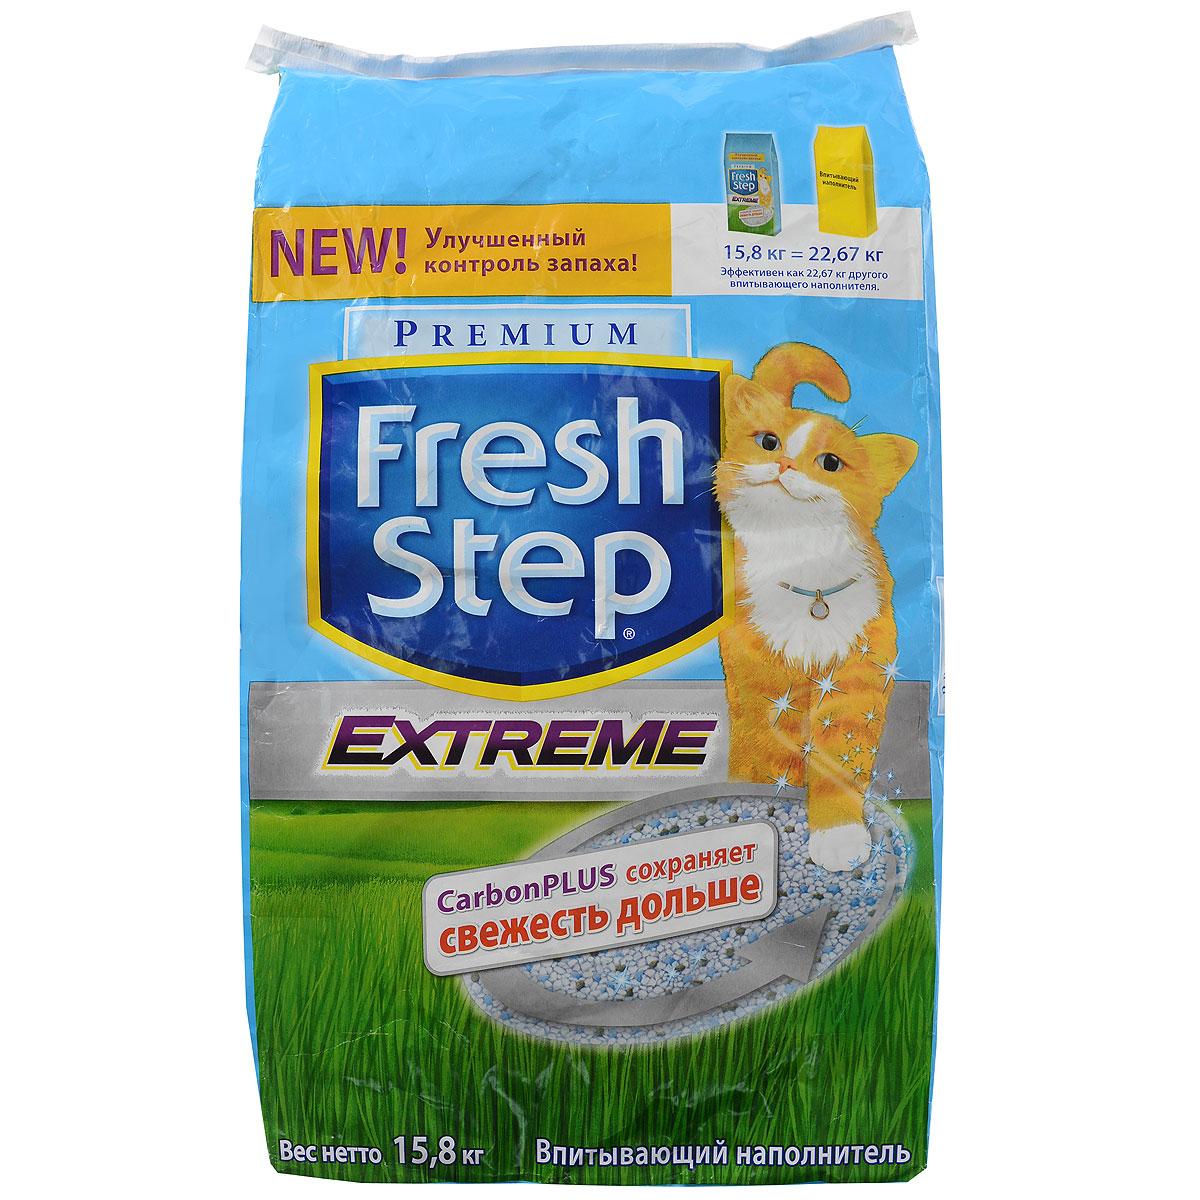 Наполнитель для кошачьего туалета Fresh Step Extreme, впитывающий, 15,87 кг2159_ExtremeНаполнитель для кошачьего туалета Fresh Step Extreme изготовлен из высококачественной глины с высокой абсорбирующей способностью в сочетании с легким весом. Наполнитель содержит специальные компоненты - нейтрализаторы запаха, которые контролируют запахи между посещениями лотка и уничтожают причину их возникновения. К традиционному впитывающему наполнителю был добавлен специальным образом обработанный активированный уголь, который надежно поглощает и удерживает запах в лотке, а также помогает предотвратить рост бактерий, вызывающих неприятный запах. Состав: глина, активированный уголь, ароматизатор. Вес: 15,87 кг. Товар сертифицирован.